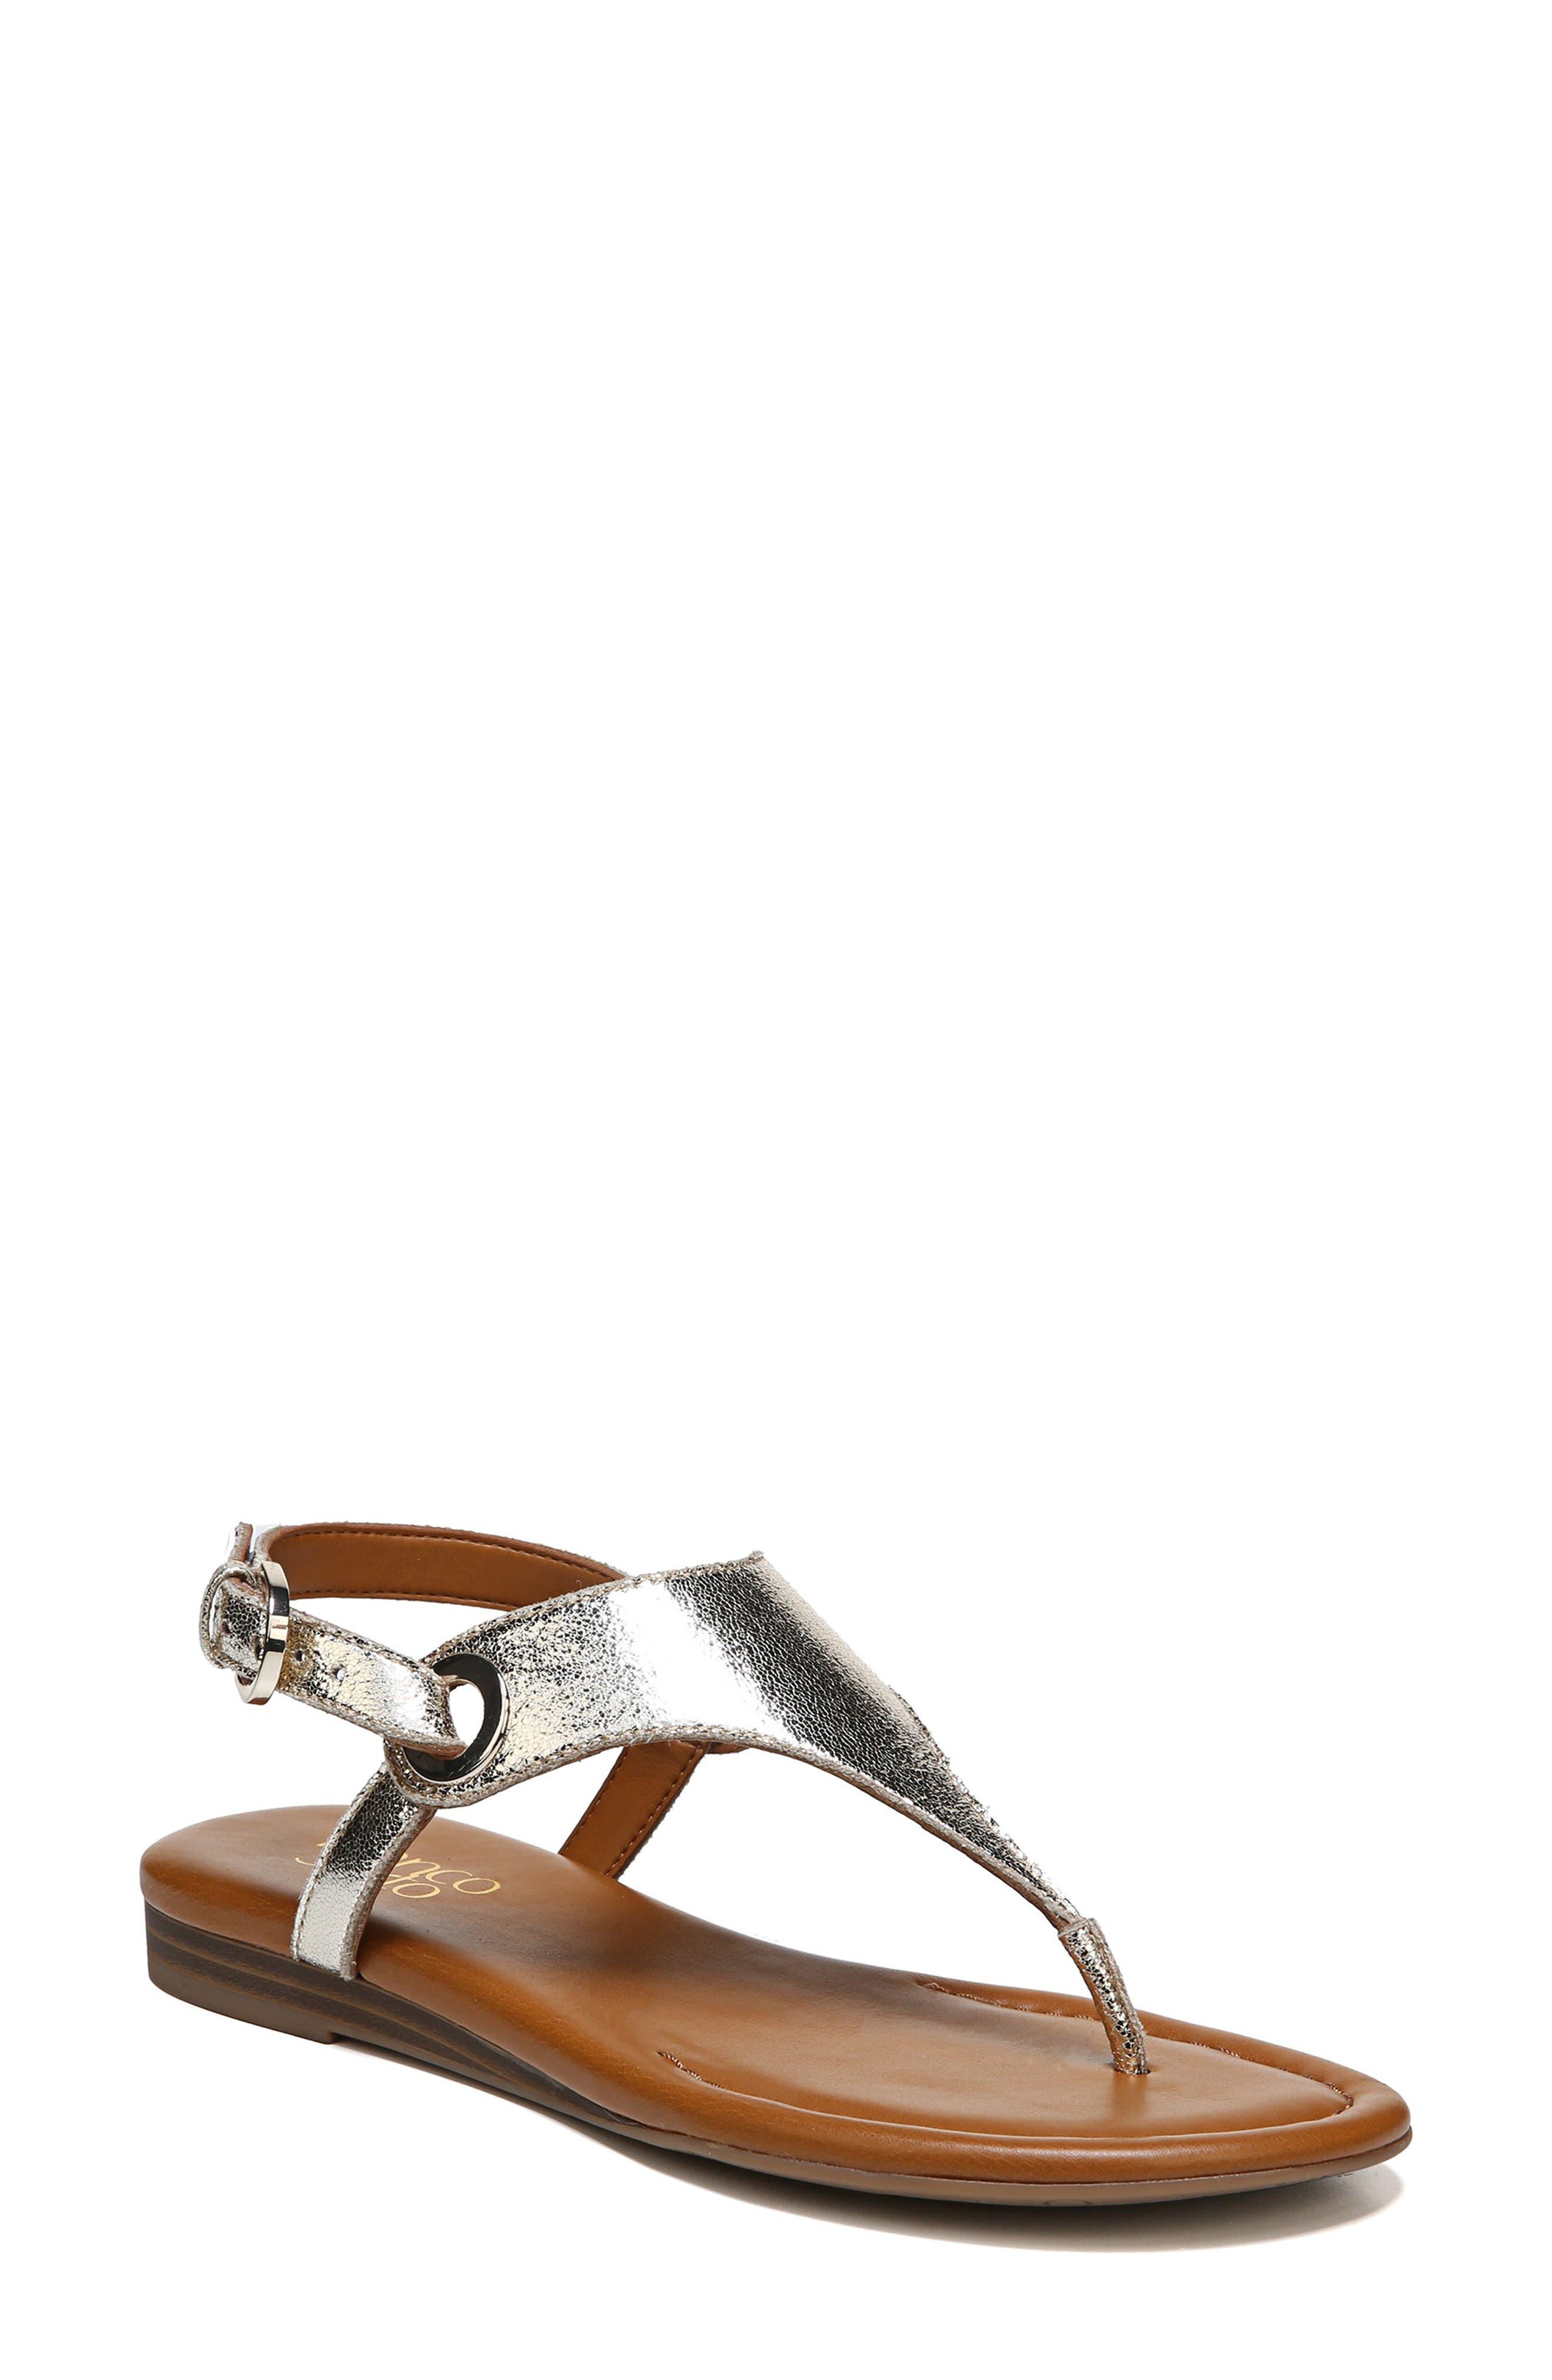 684e2a4eed4e Franco Sarto Sandals - Women s